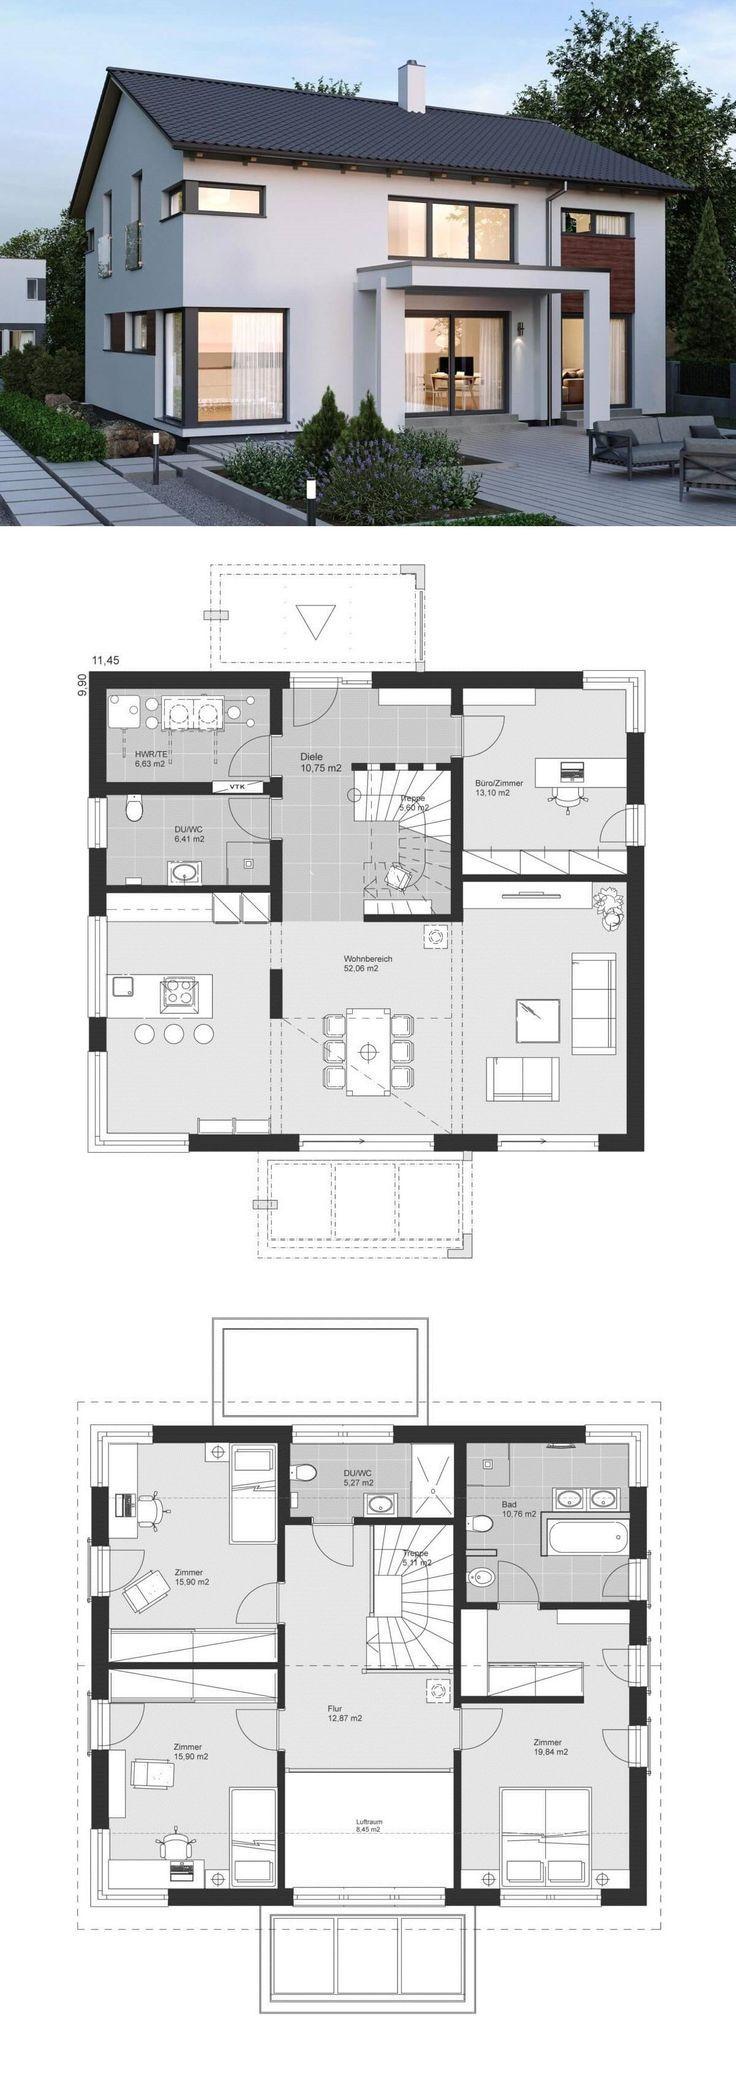 Modernes Einfamilienhaus mit Satteldach Baustil & Galerie – Eigenheim zusammensetzen …